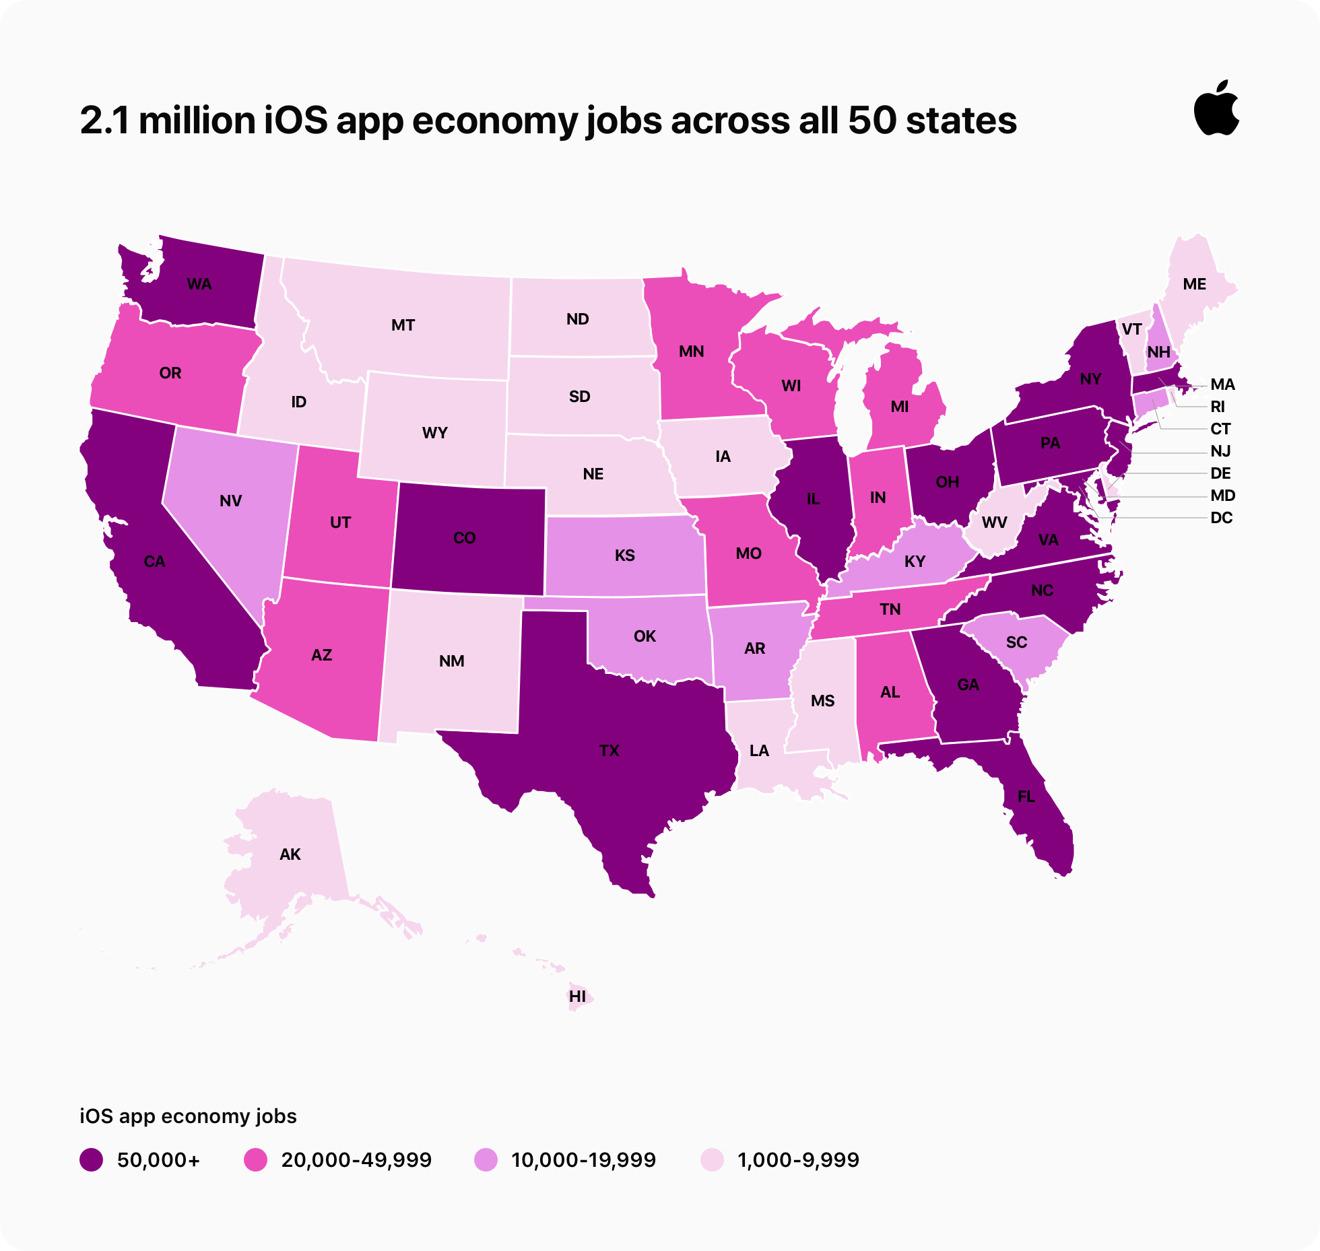 Empleos de economía de aplicaciones en los Estados Unidos - crédito de imagen Apple